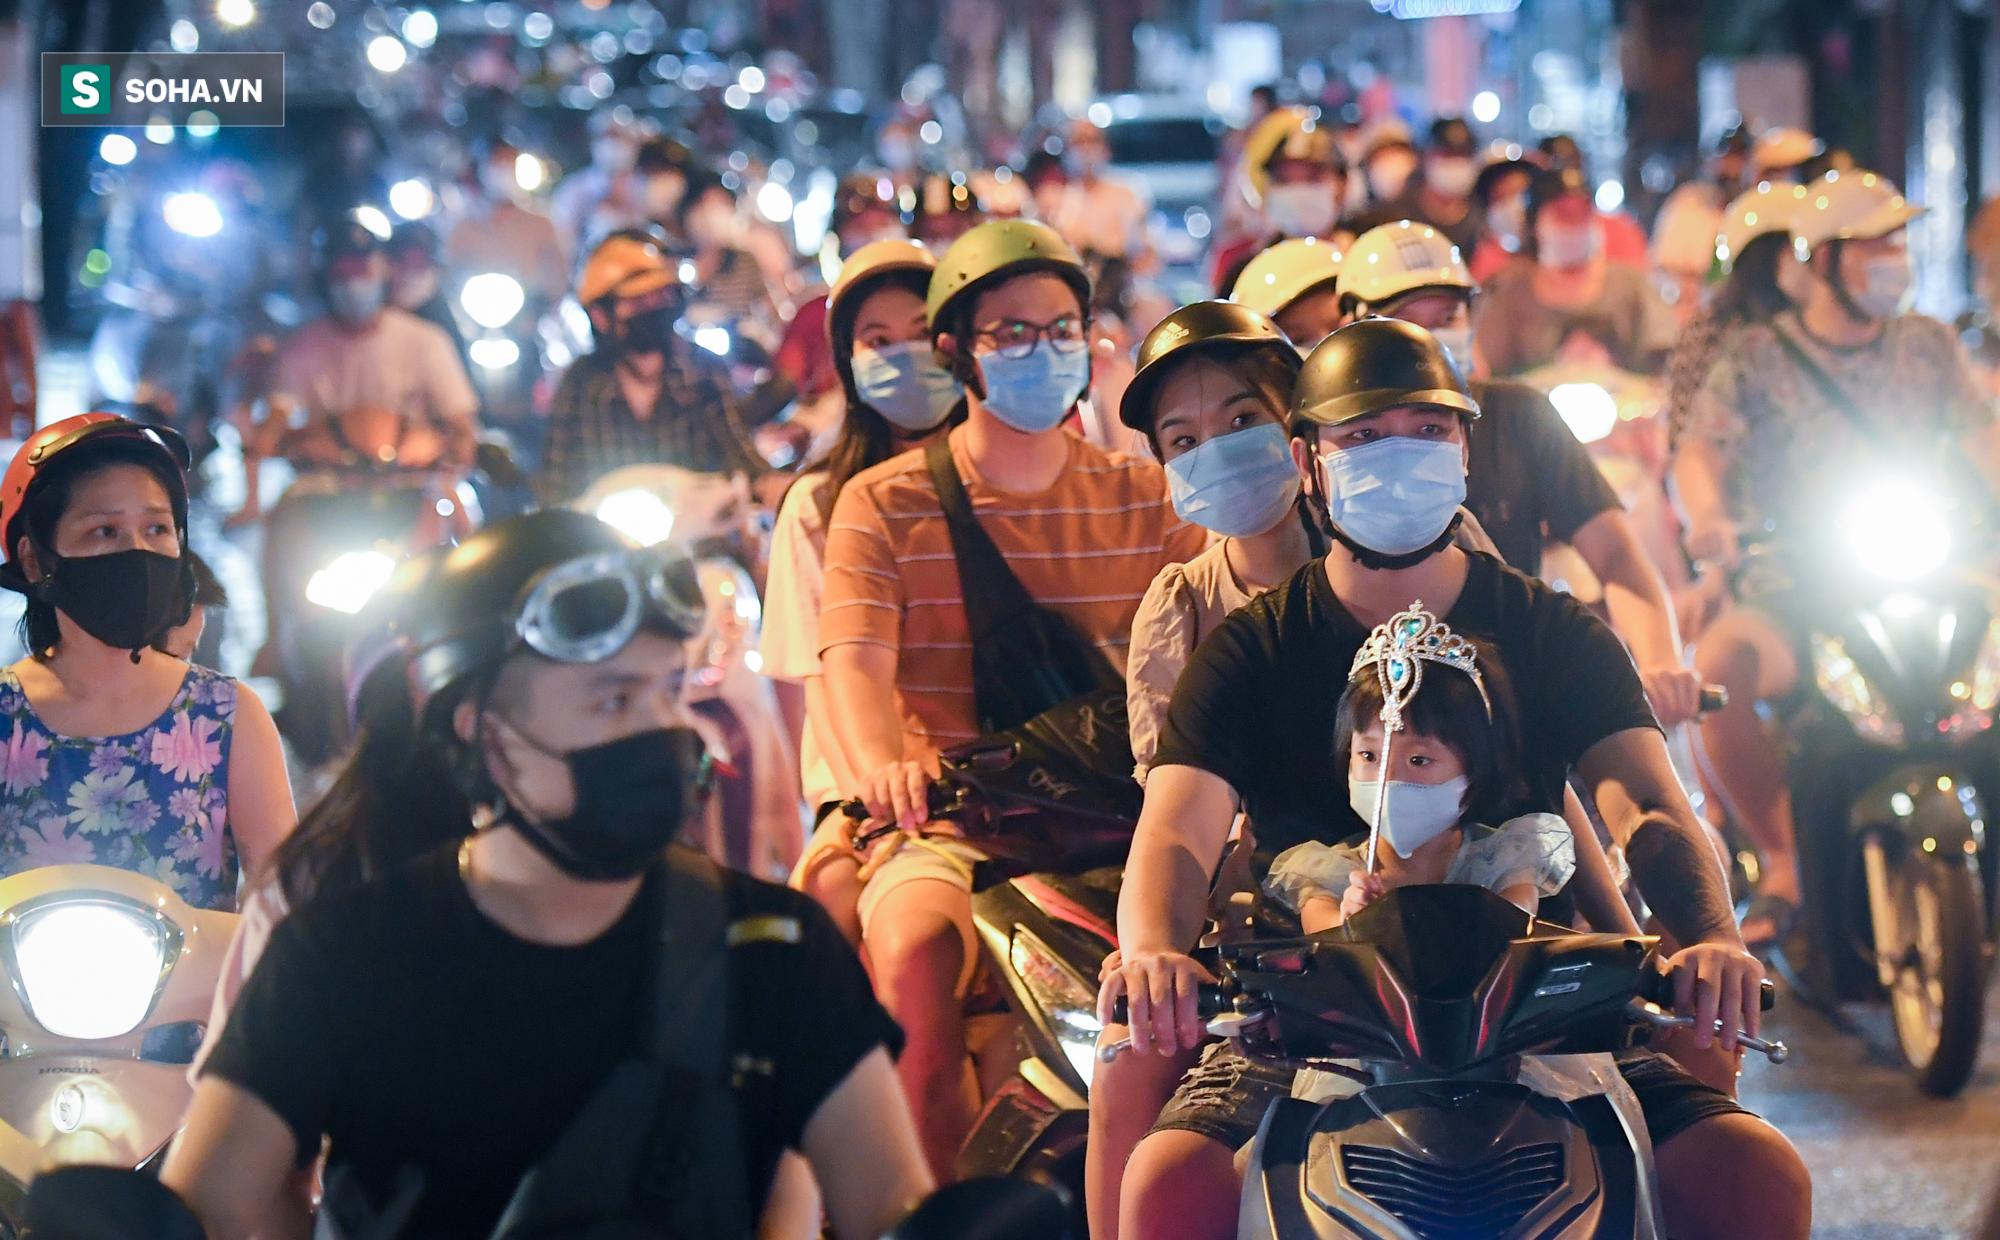 Dòng xe đông như hội nối đuôi nhau trên nhiều tuyến phố trung tâm thủ đô đêm Trung thu - Ảnh 2.